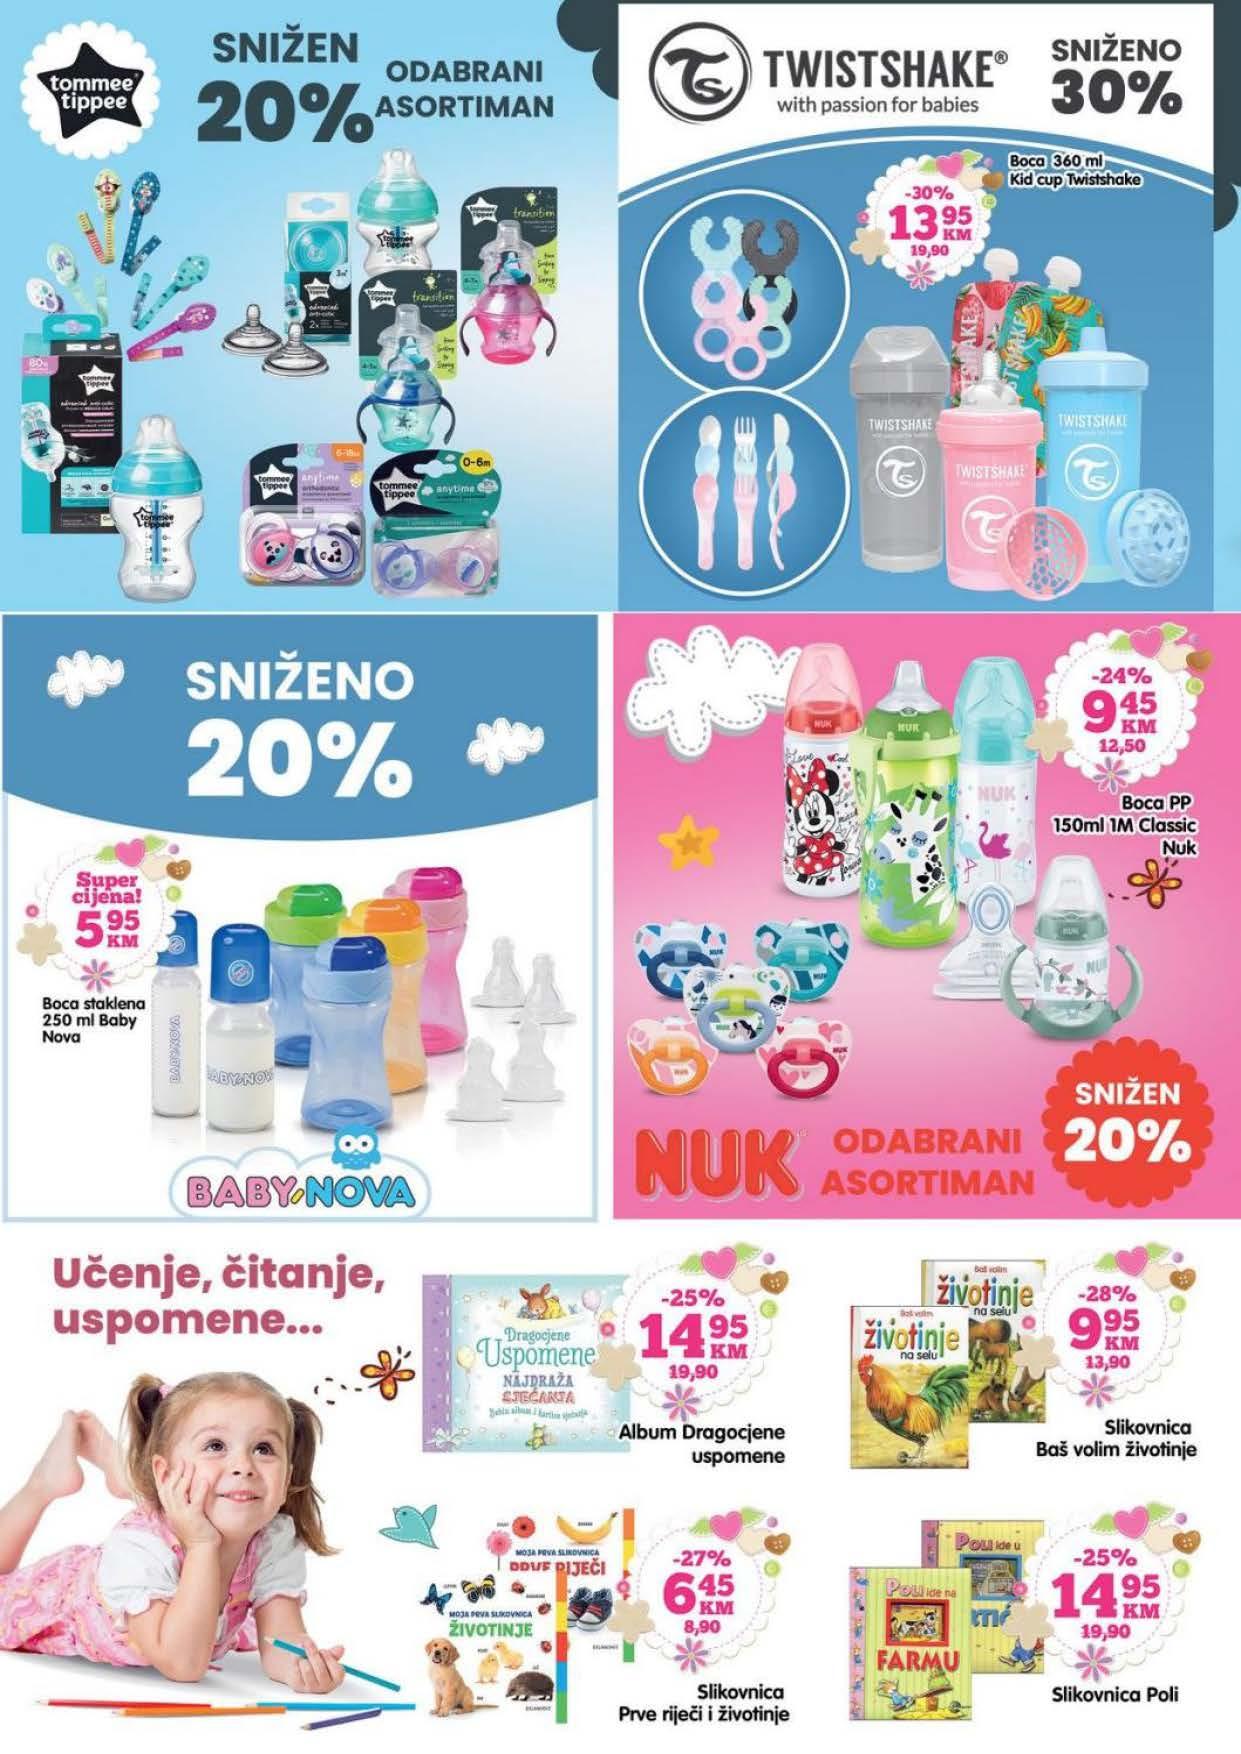 BINGO Katalog Sve za proljetnu zabavu i rekreaciju April i MAJ 2021 16.04. 14.05.2021. Page 10